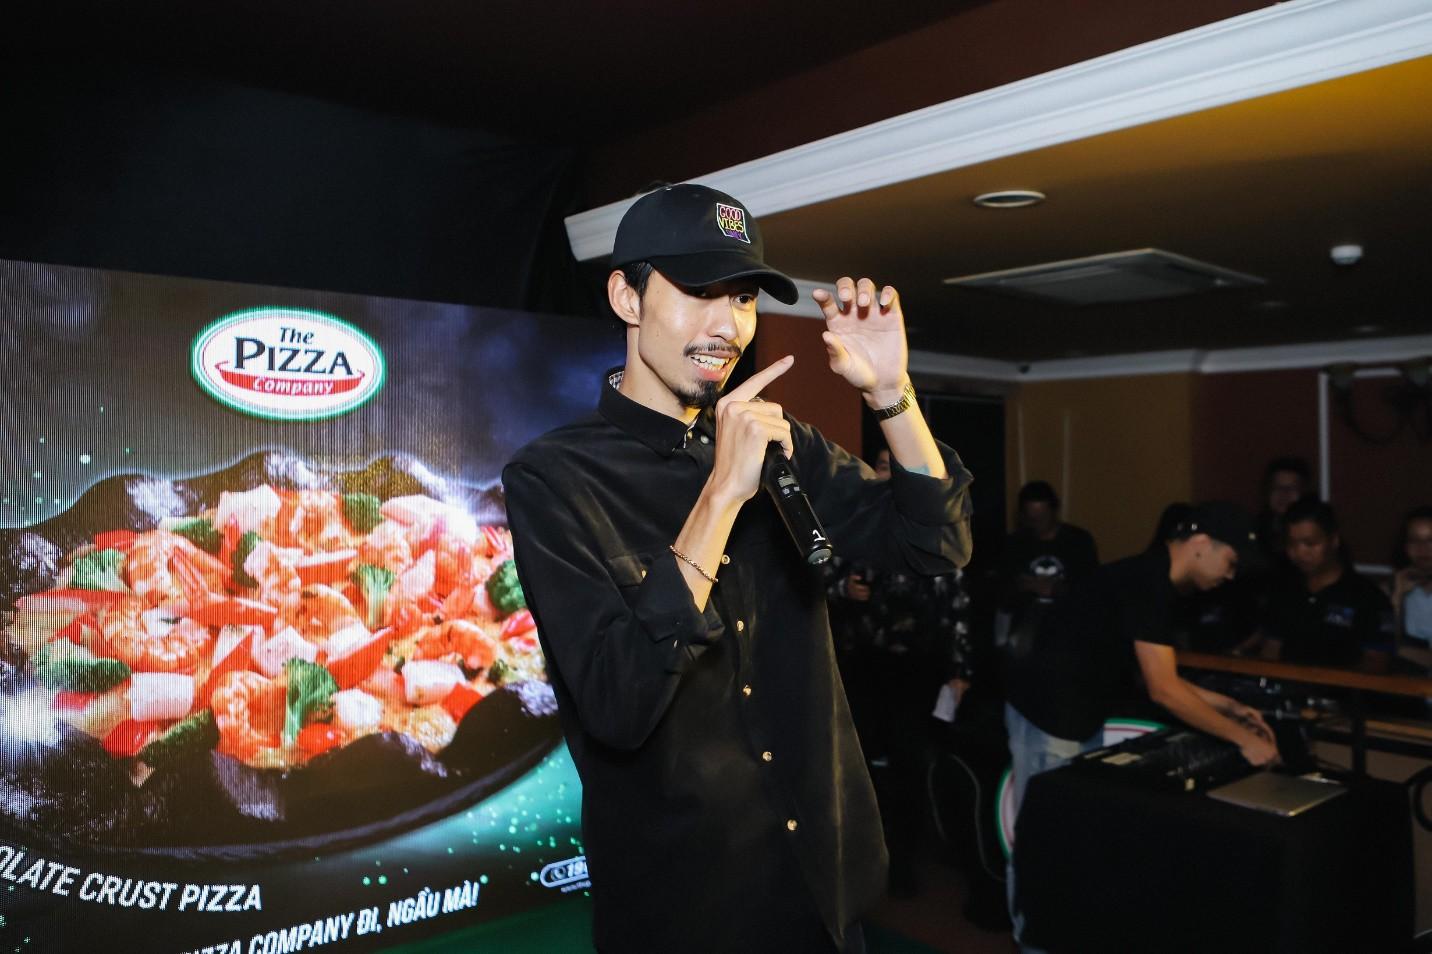 Đen Vâu góp mặt trong sự kiện ra mắt pizza mới khiến fan đi từ bất ngờ đến phấn khích tột đỉnh - Ảnh 8.